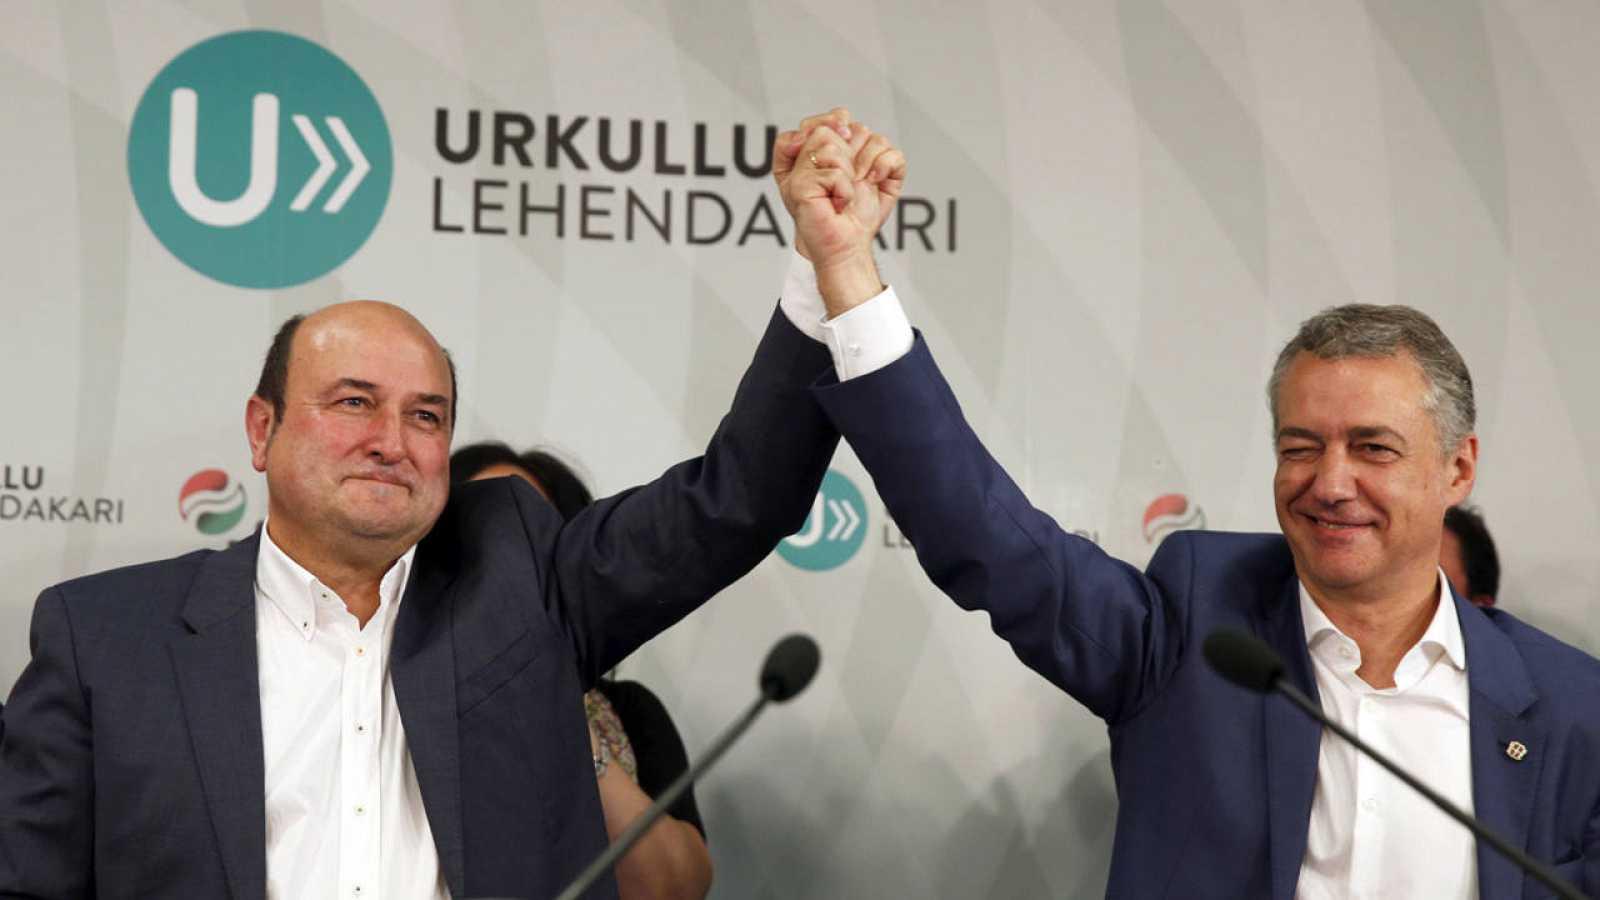 El presidente del PNV, Andoni Ortuzar (i) junto al ganador de las elecciones vascas y actual lehendakari, Iñigo Urkullu